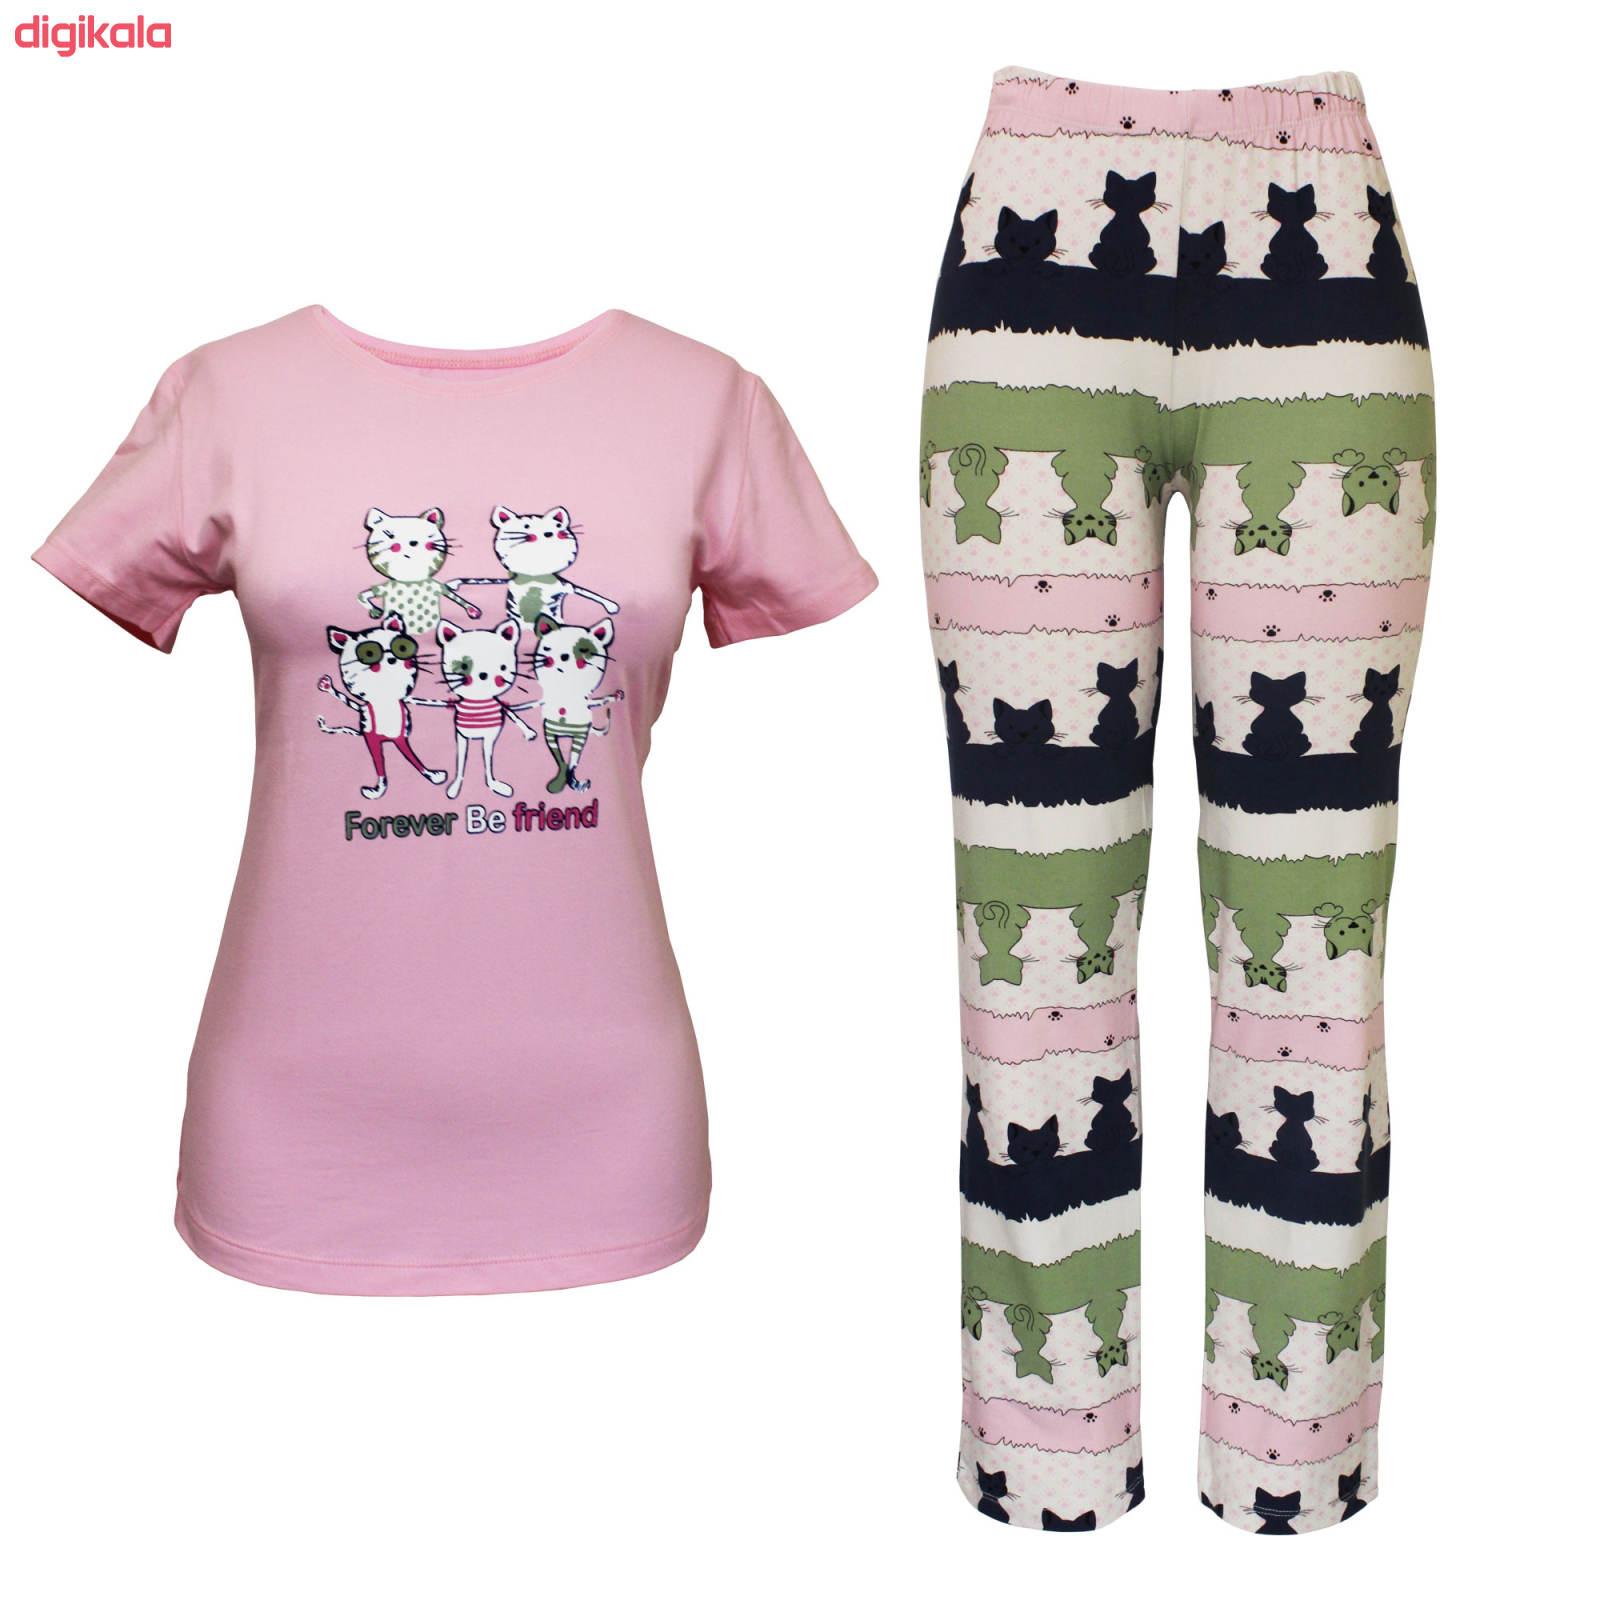 ست تی شرت و شلوار زنانه مدل FBFP 001 main 1 3